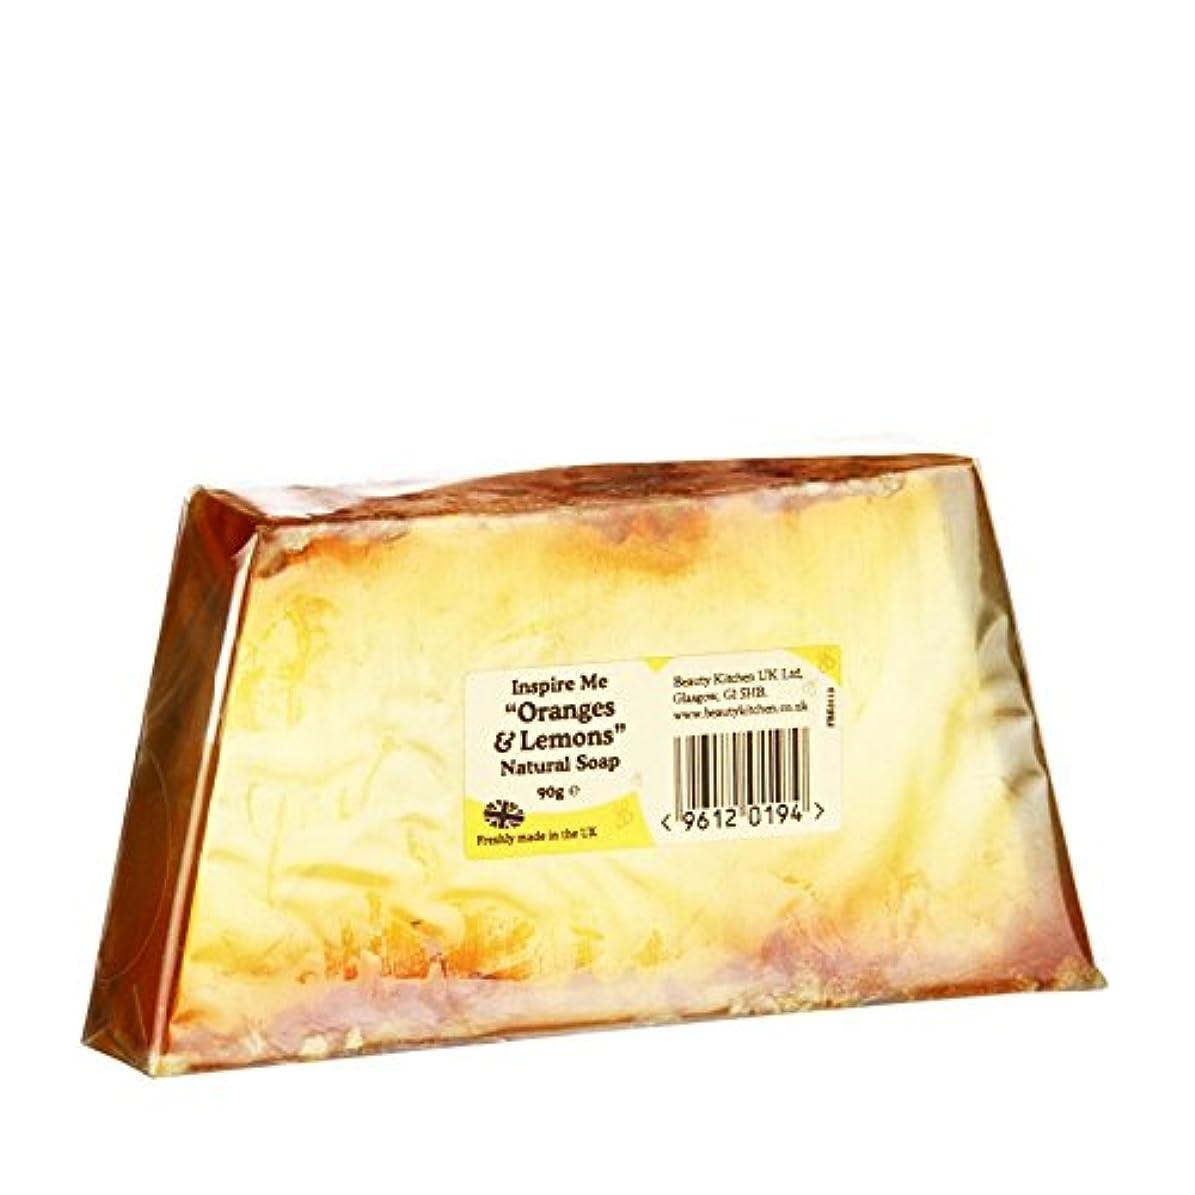 かまど電池構築するBeauty Kitchen Inspire Me Orange & Lemon Natural Soap 90g (Pack of 6) - 美しさのキッチンは私がオレンジ&レモンの天然石鹸90グラム鼓舞します (x6...